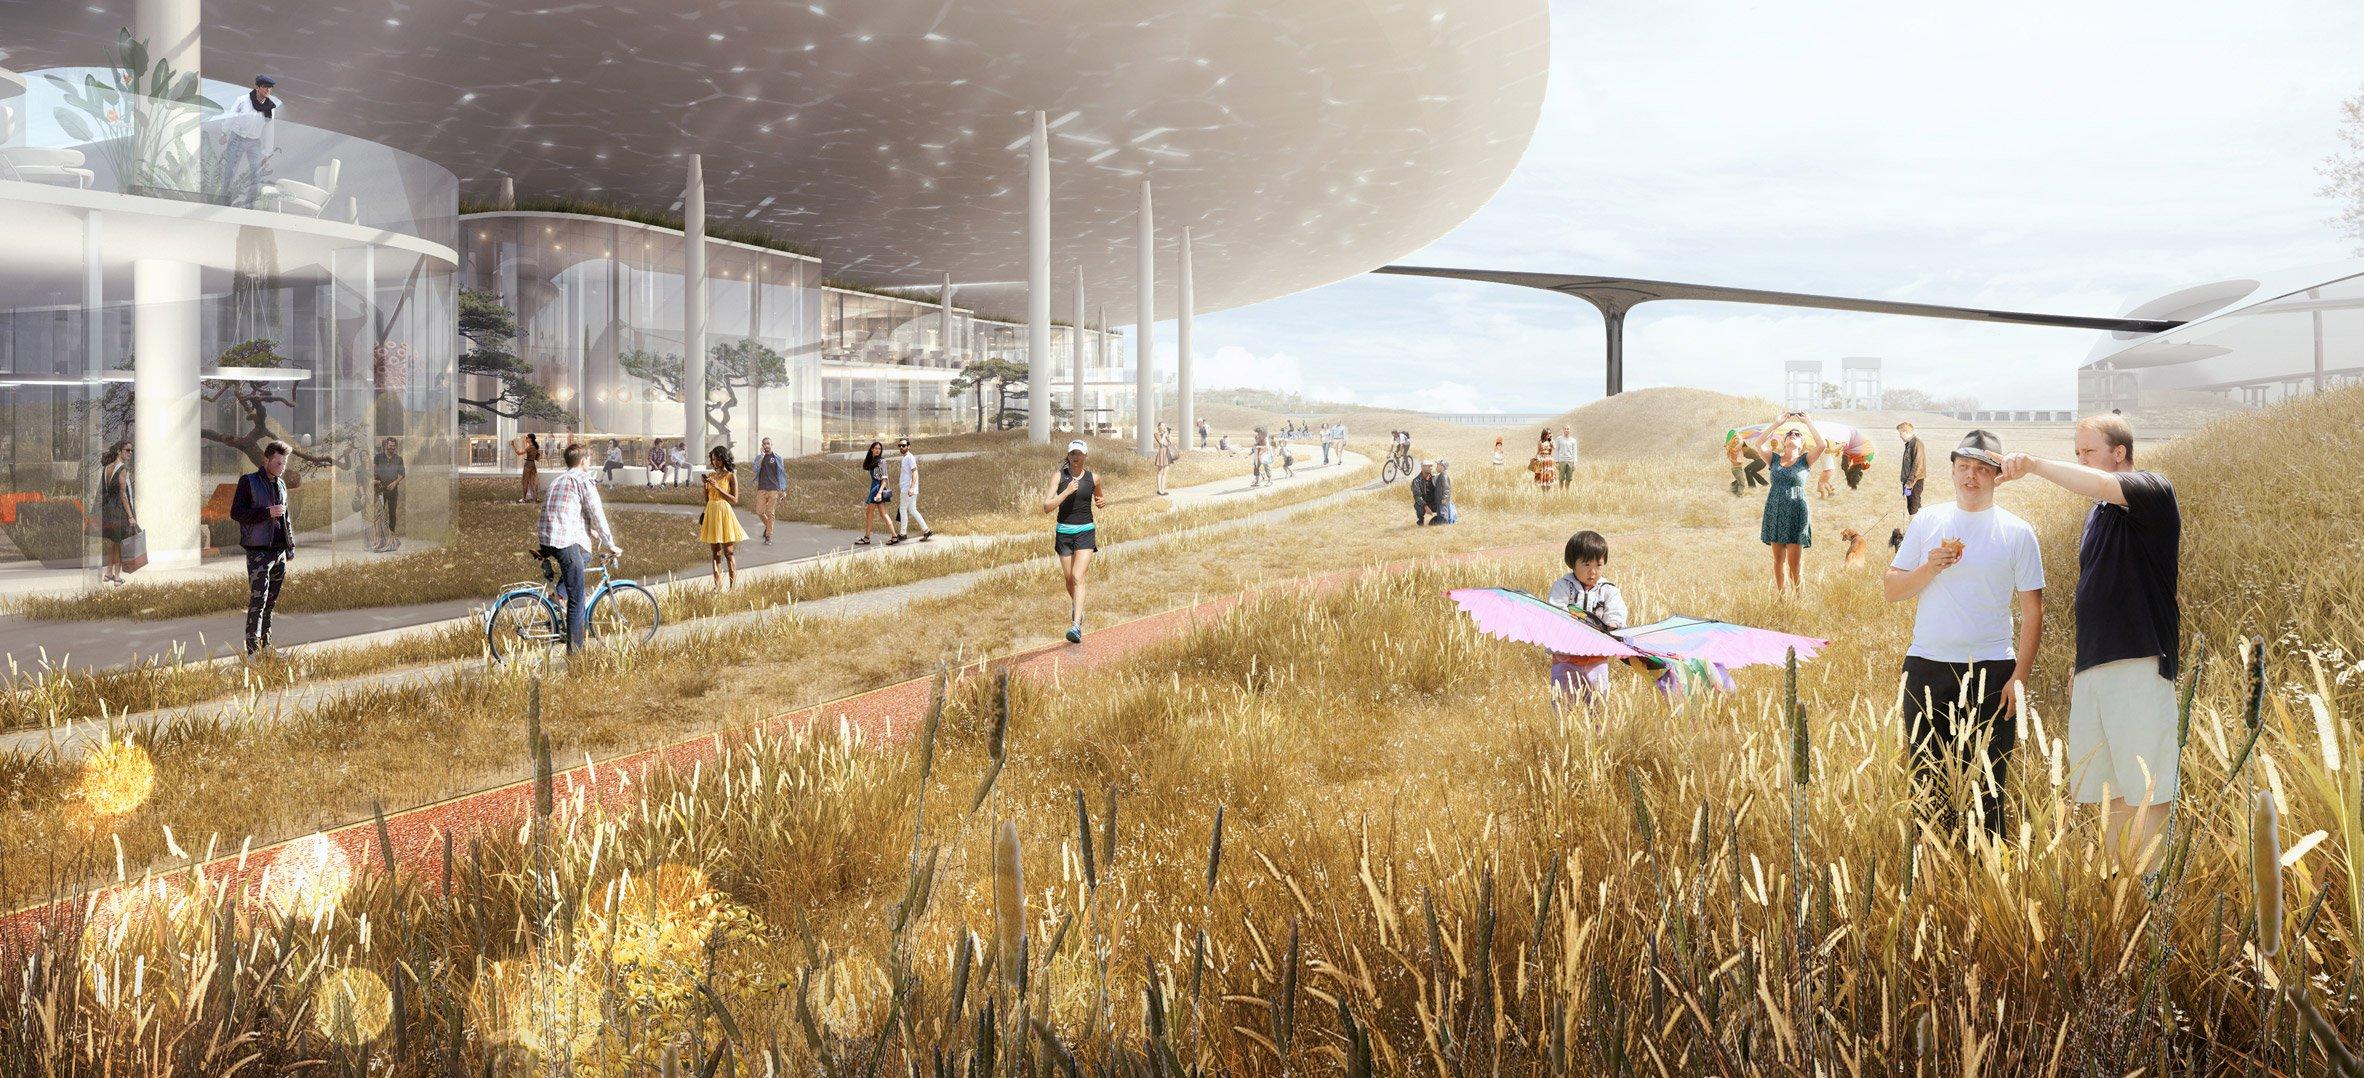 Архитекторы из студии MAD Architects планируют вписать кампус в окружающую саванну и одновременно придать офису «инопланетный» вид